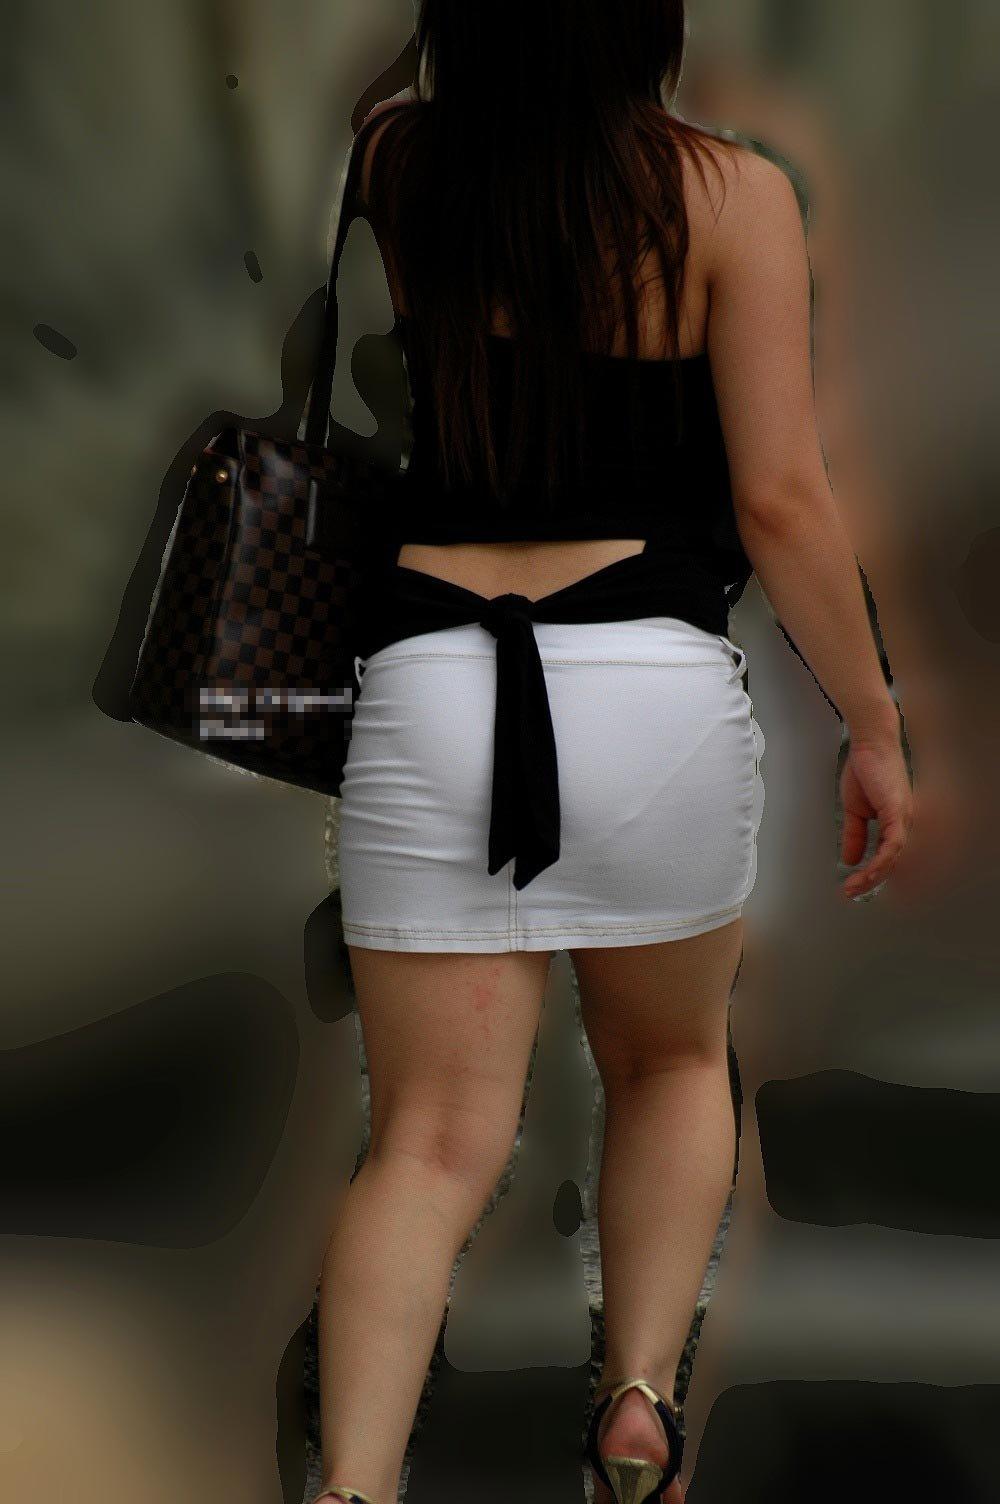 短いタイトスカートで透けパンする素人女子 (10)